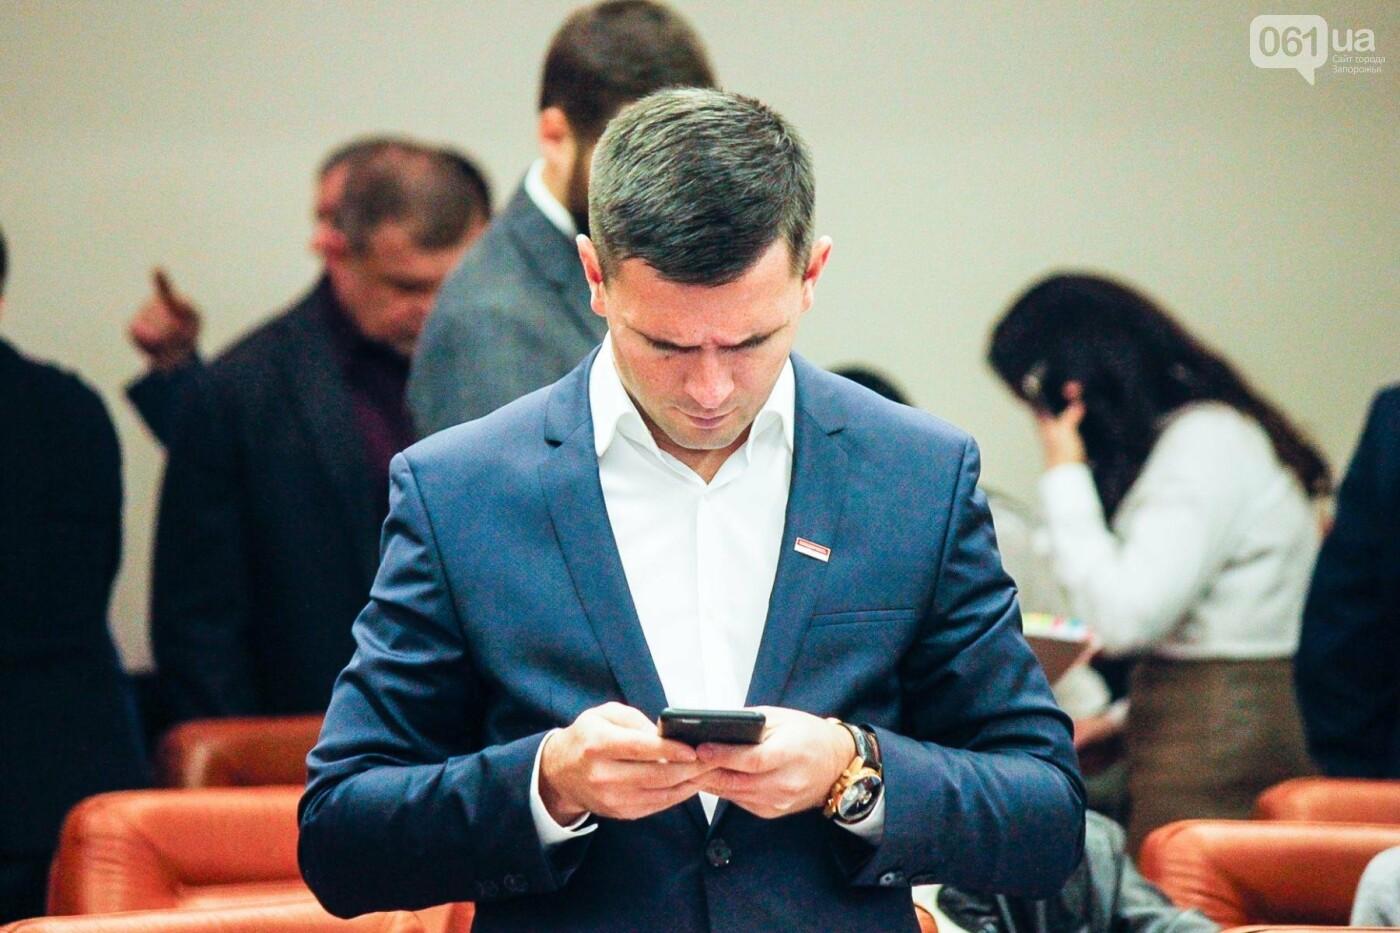 Сессия запорожского горсовета в лицах, - ФОТОРЕПОРТАЖ, фото-30